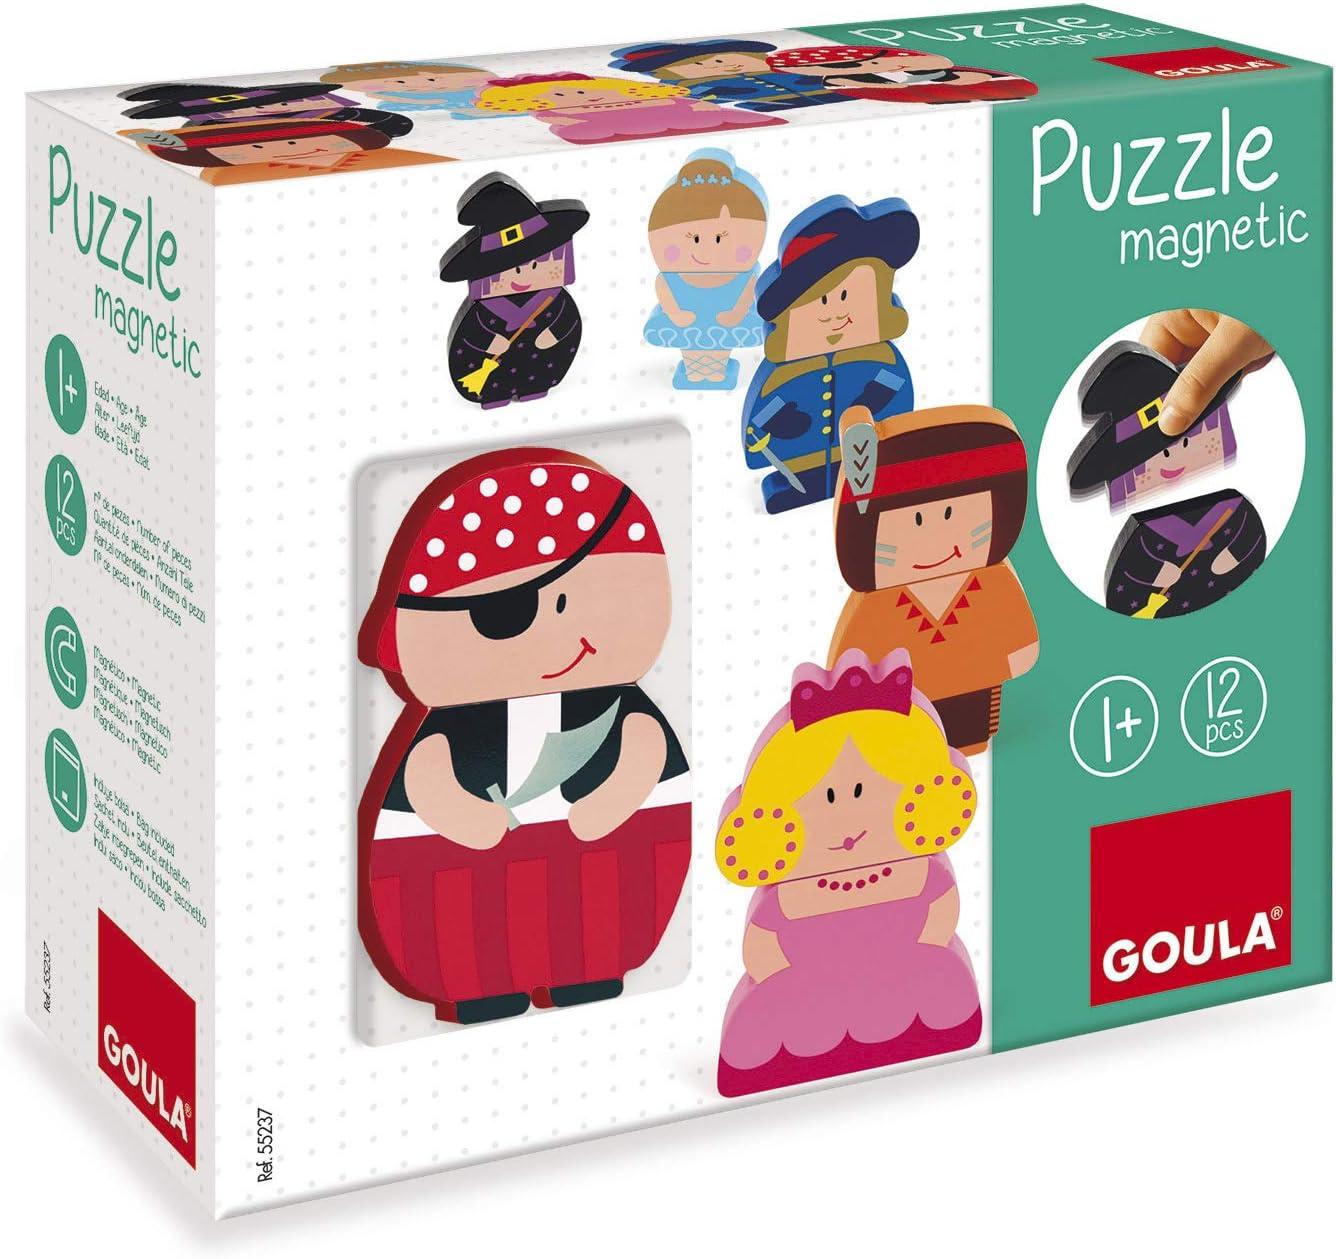 Goula - Puzzle personajes magnéticos - Puzzle de madera a partir de 1 año: Amazon.es: Juguetes y juegos